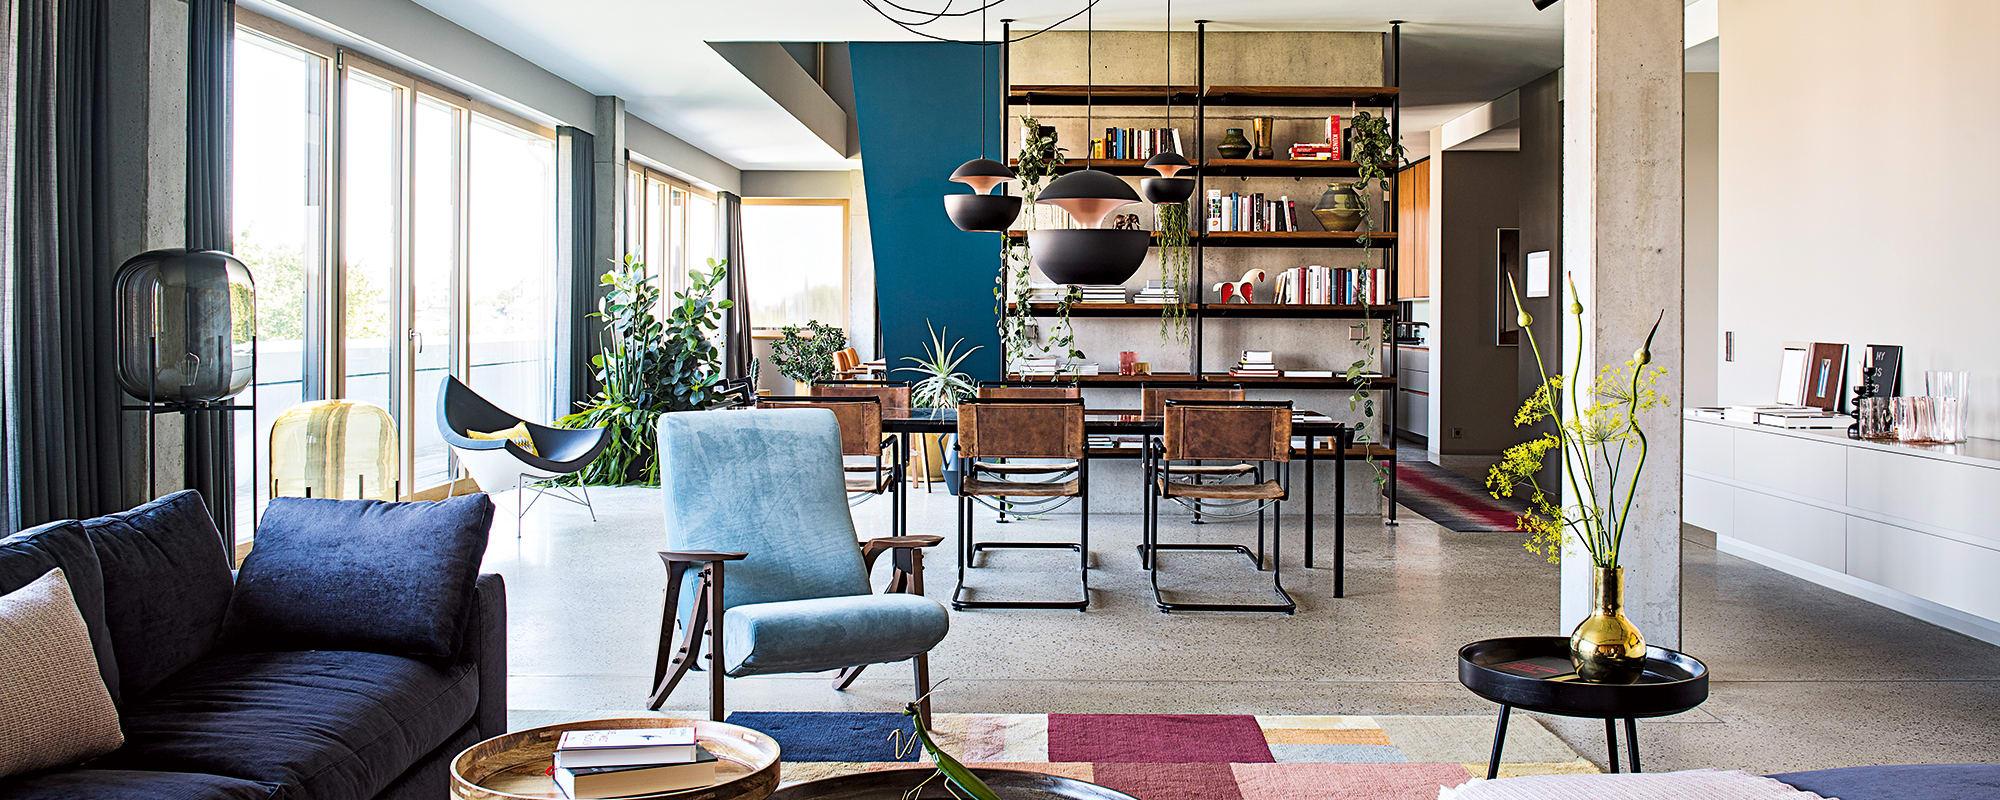 loft interieur mit schlichtem design bilder, bfs design gestaltet berliner loft - ad, Design ideen